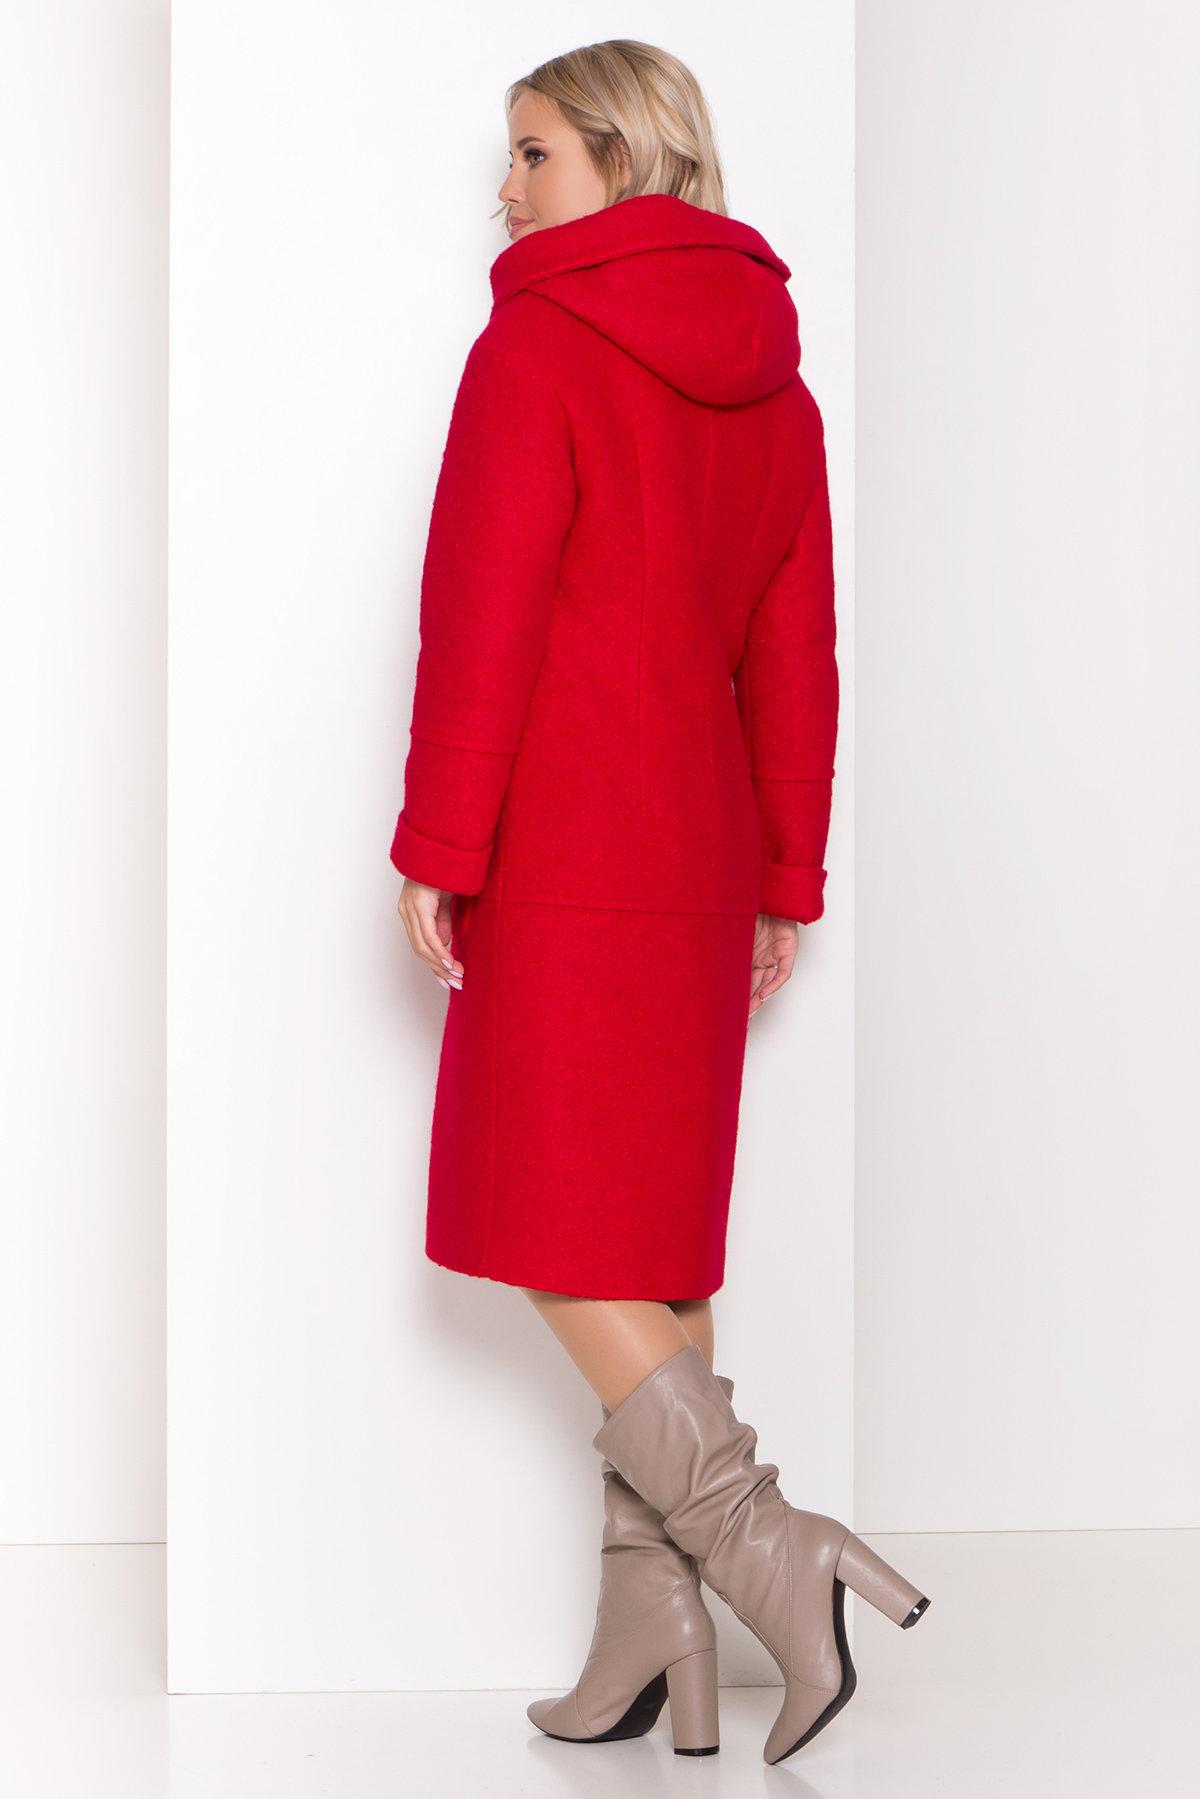 Пальто зима шерсть букле Анита классик 8320 АРТ. 44441 Цвет: Красный 1 - фото 3, интернет магазин tm-modus.ru